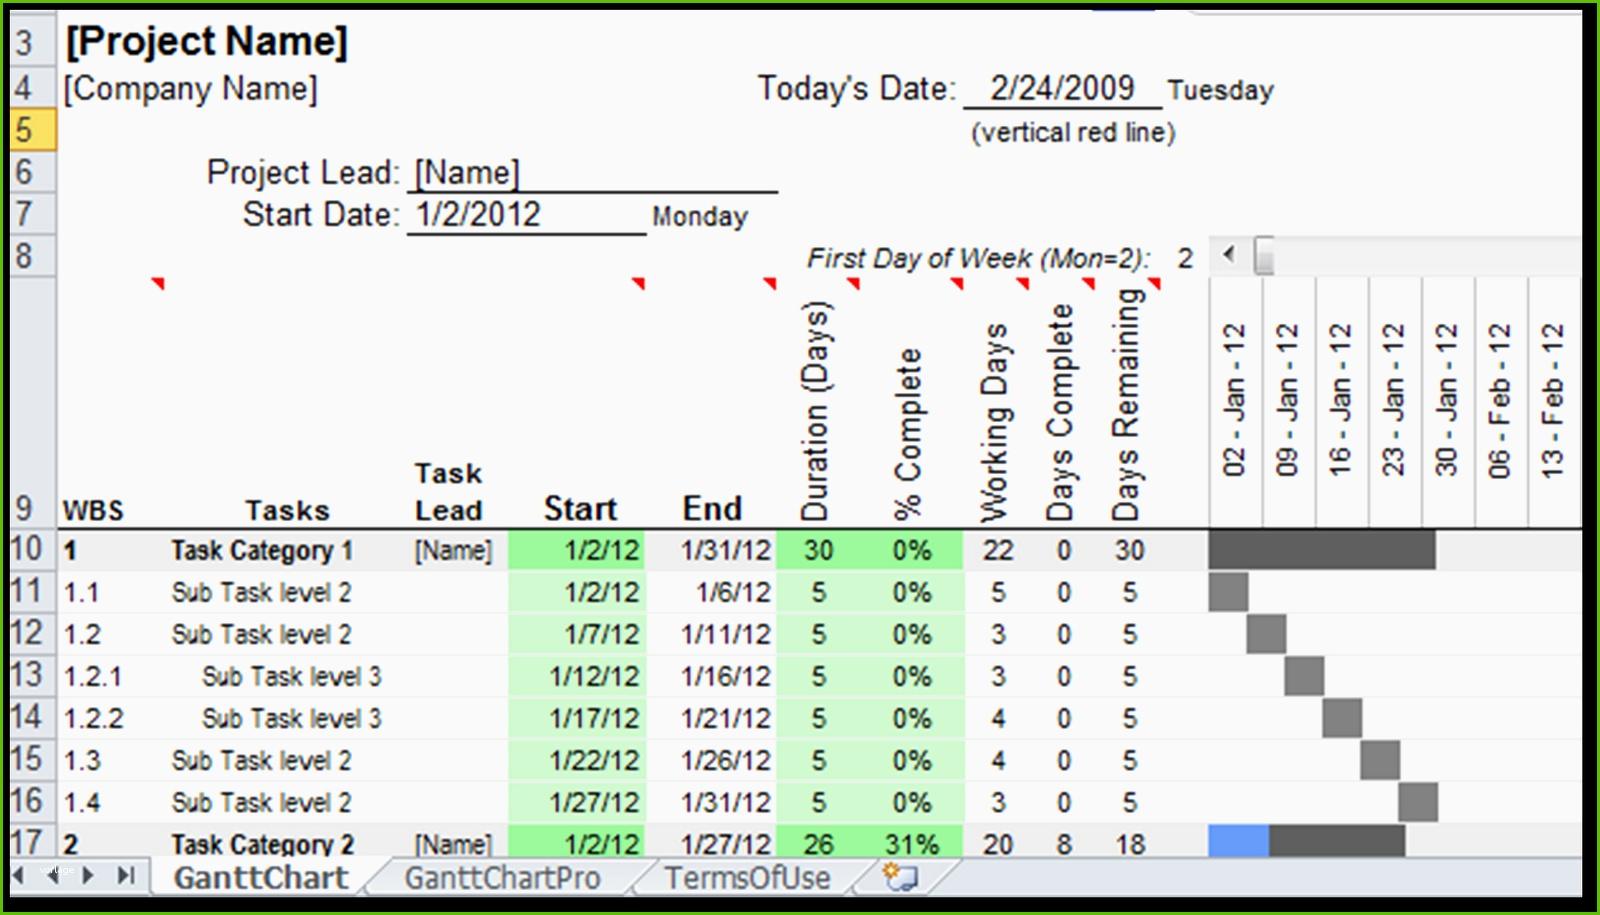 Excel Vorlage Gantt Wunderbare Gantt Chart Excel Template Xls Intended For Gantt Chart Excel Template With Dates